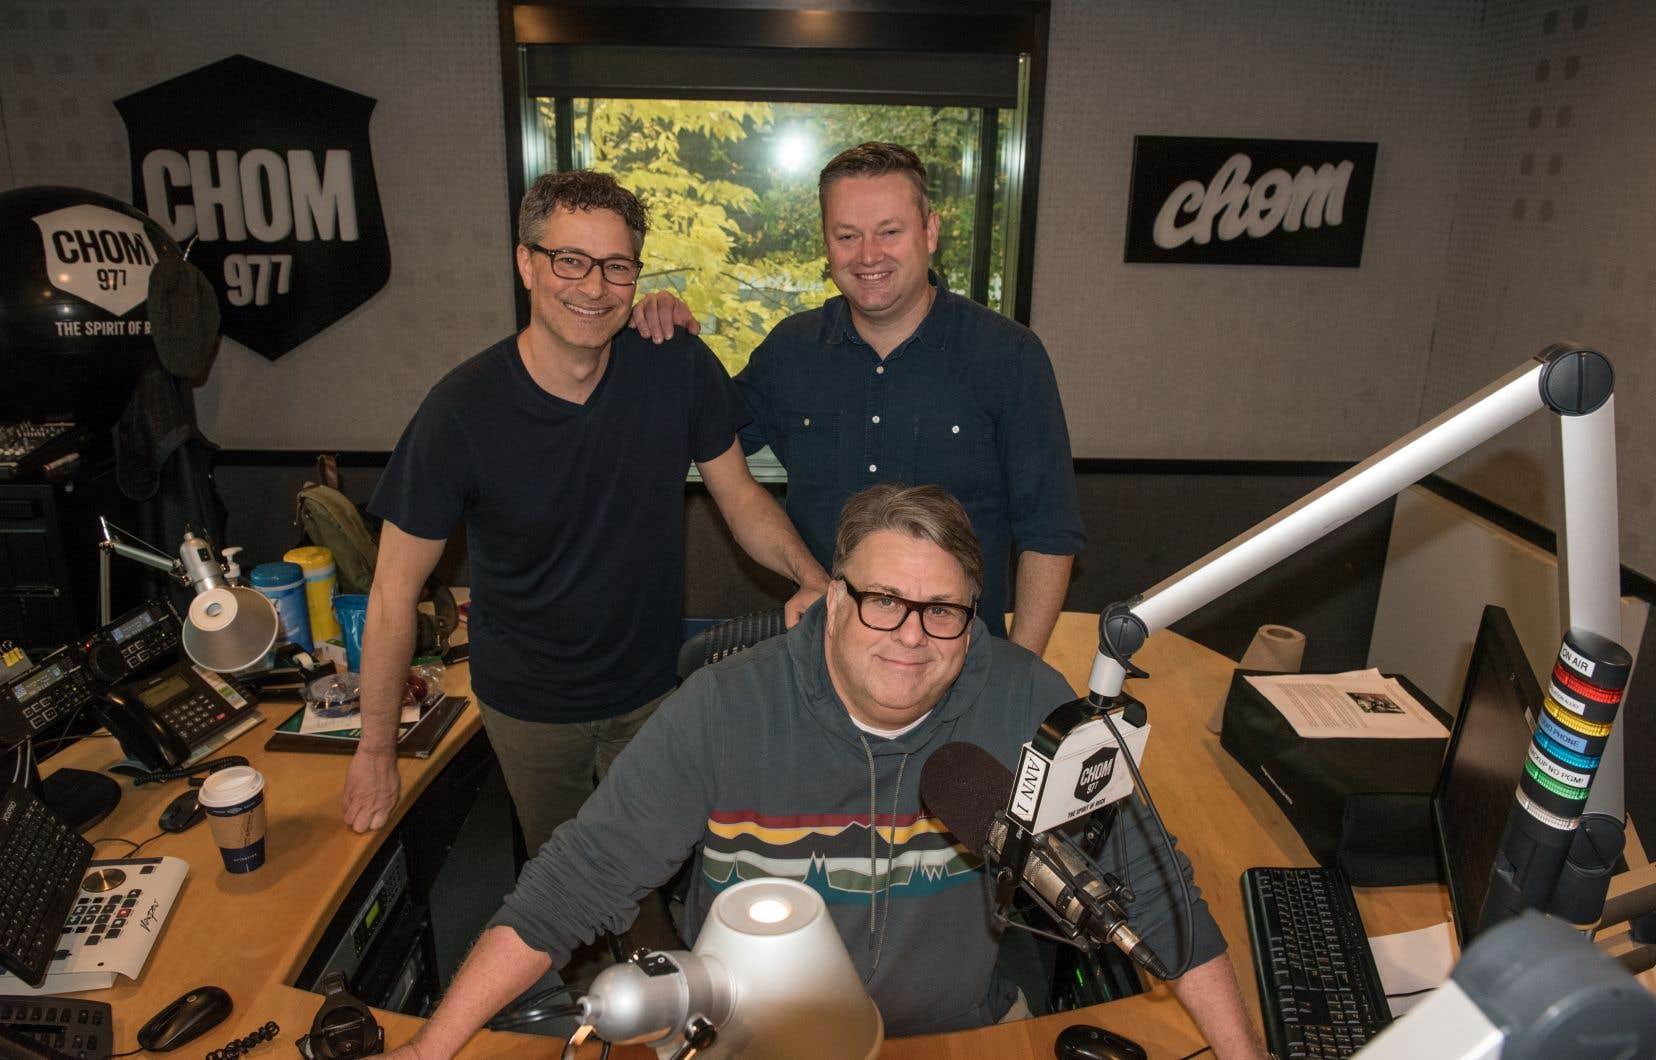 L'animateur Terry DiMonte (au centre), le directeur musical Pierre Landry (à gauche) et le directeur de la programmation Mathew Wood (à droite) dans les locaux de la radio CHOM, à Montréal, le 17 octobre dernier